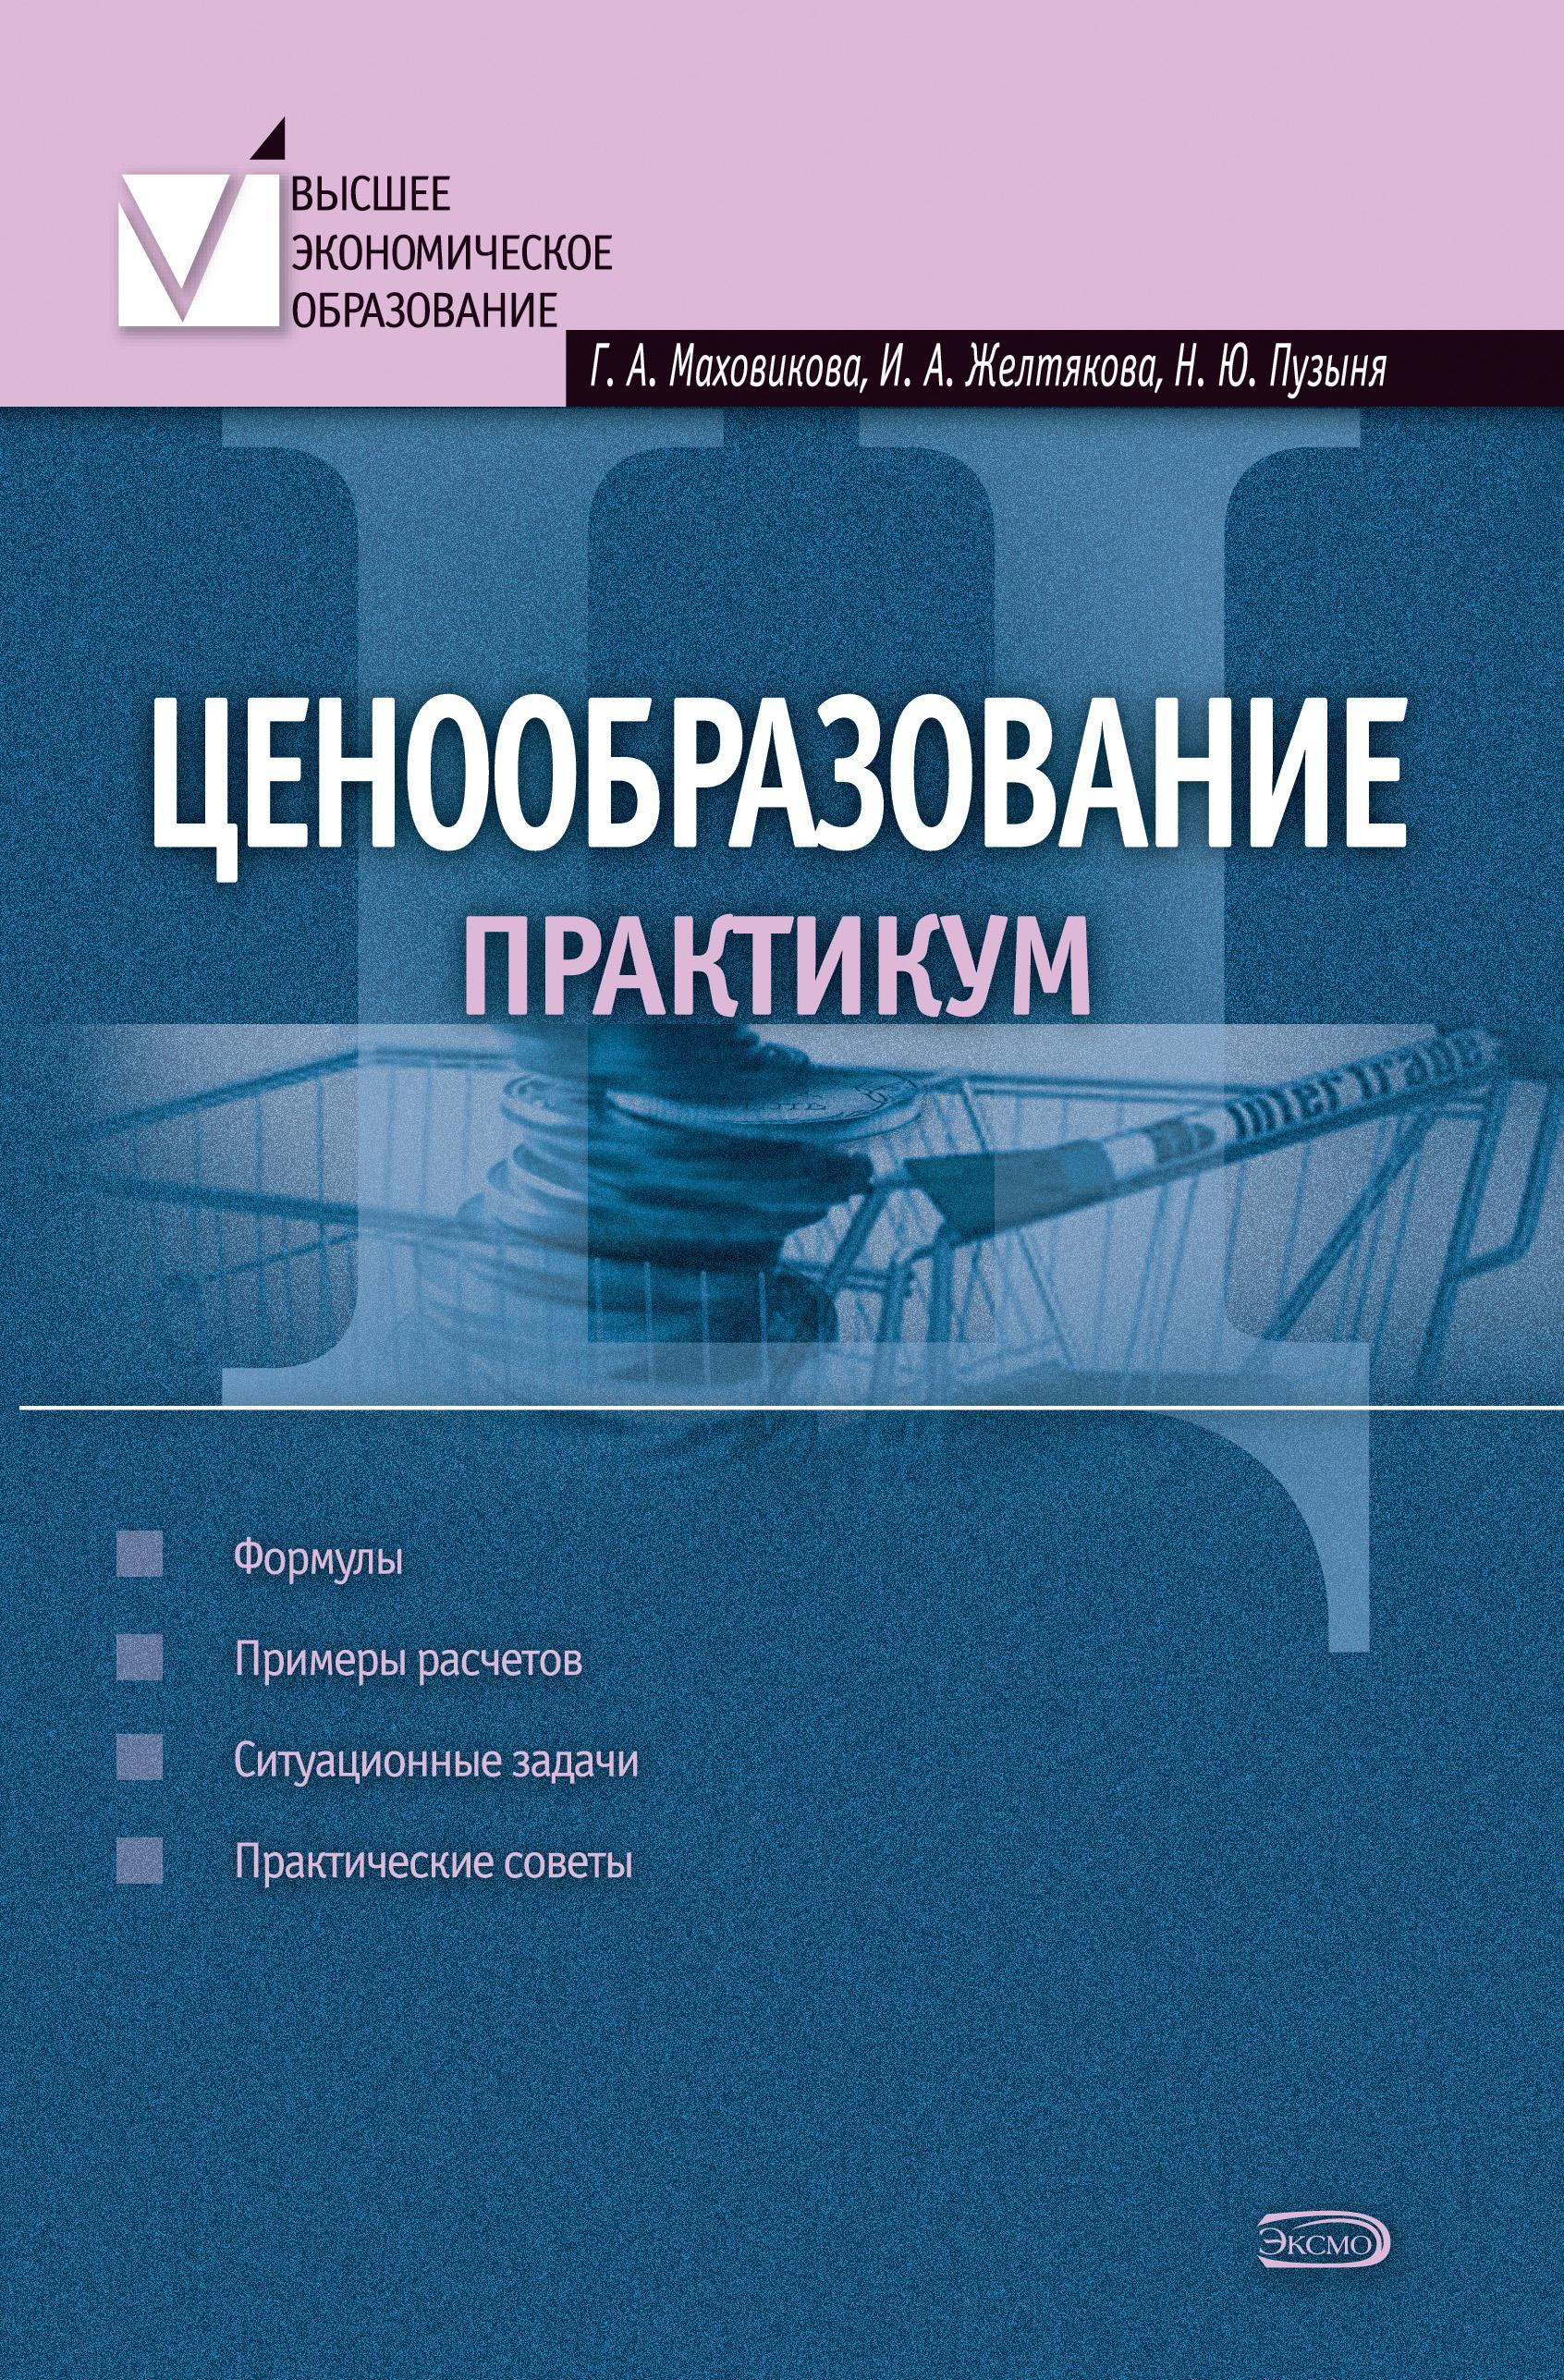 Ирина Анатольевна Желтякова Ценообразование: практикум